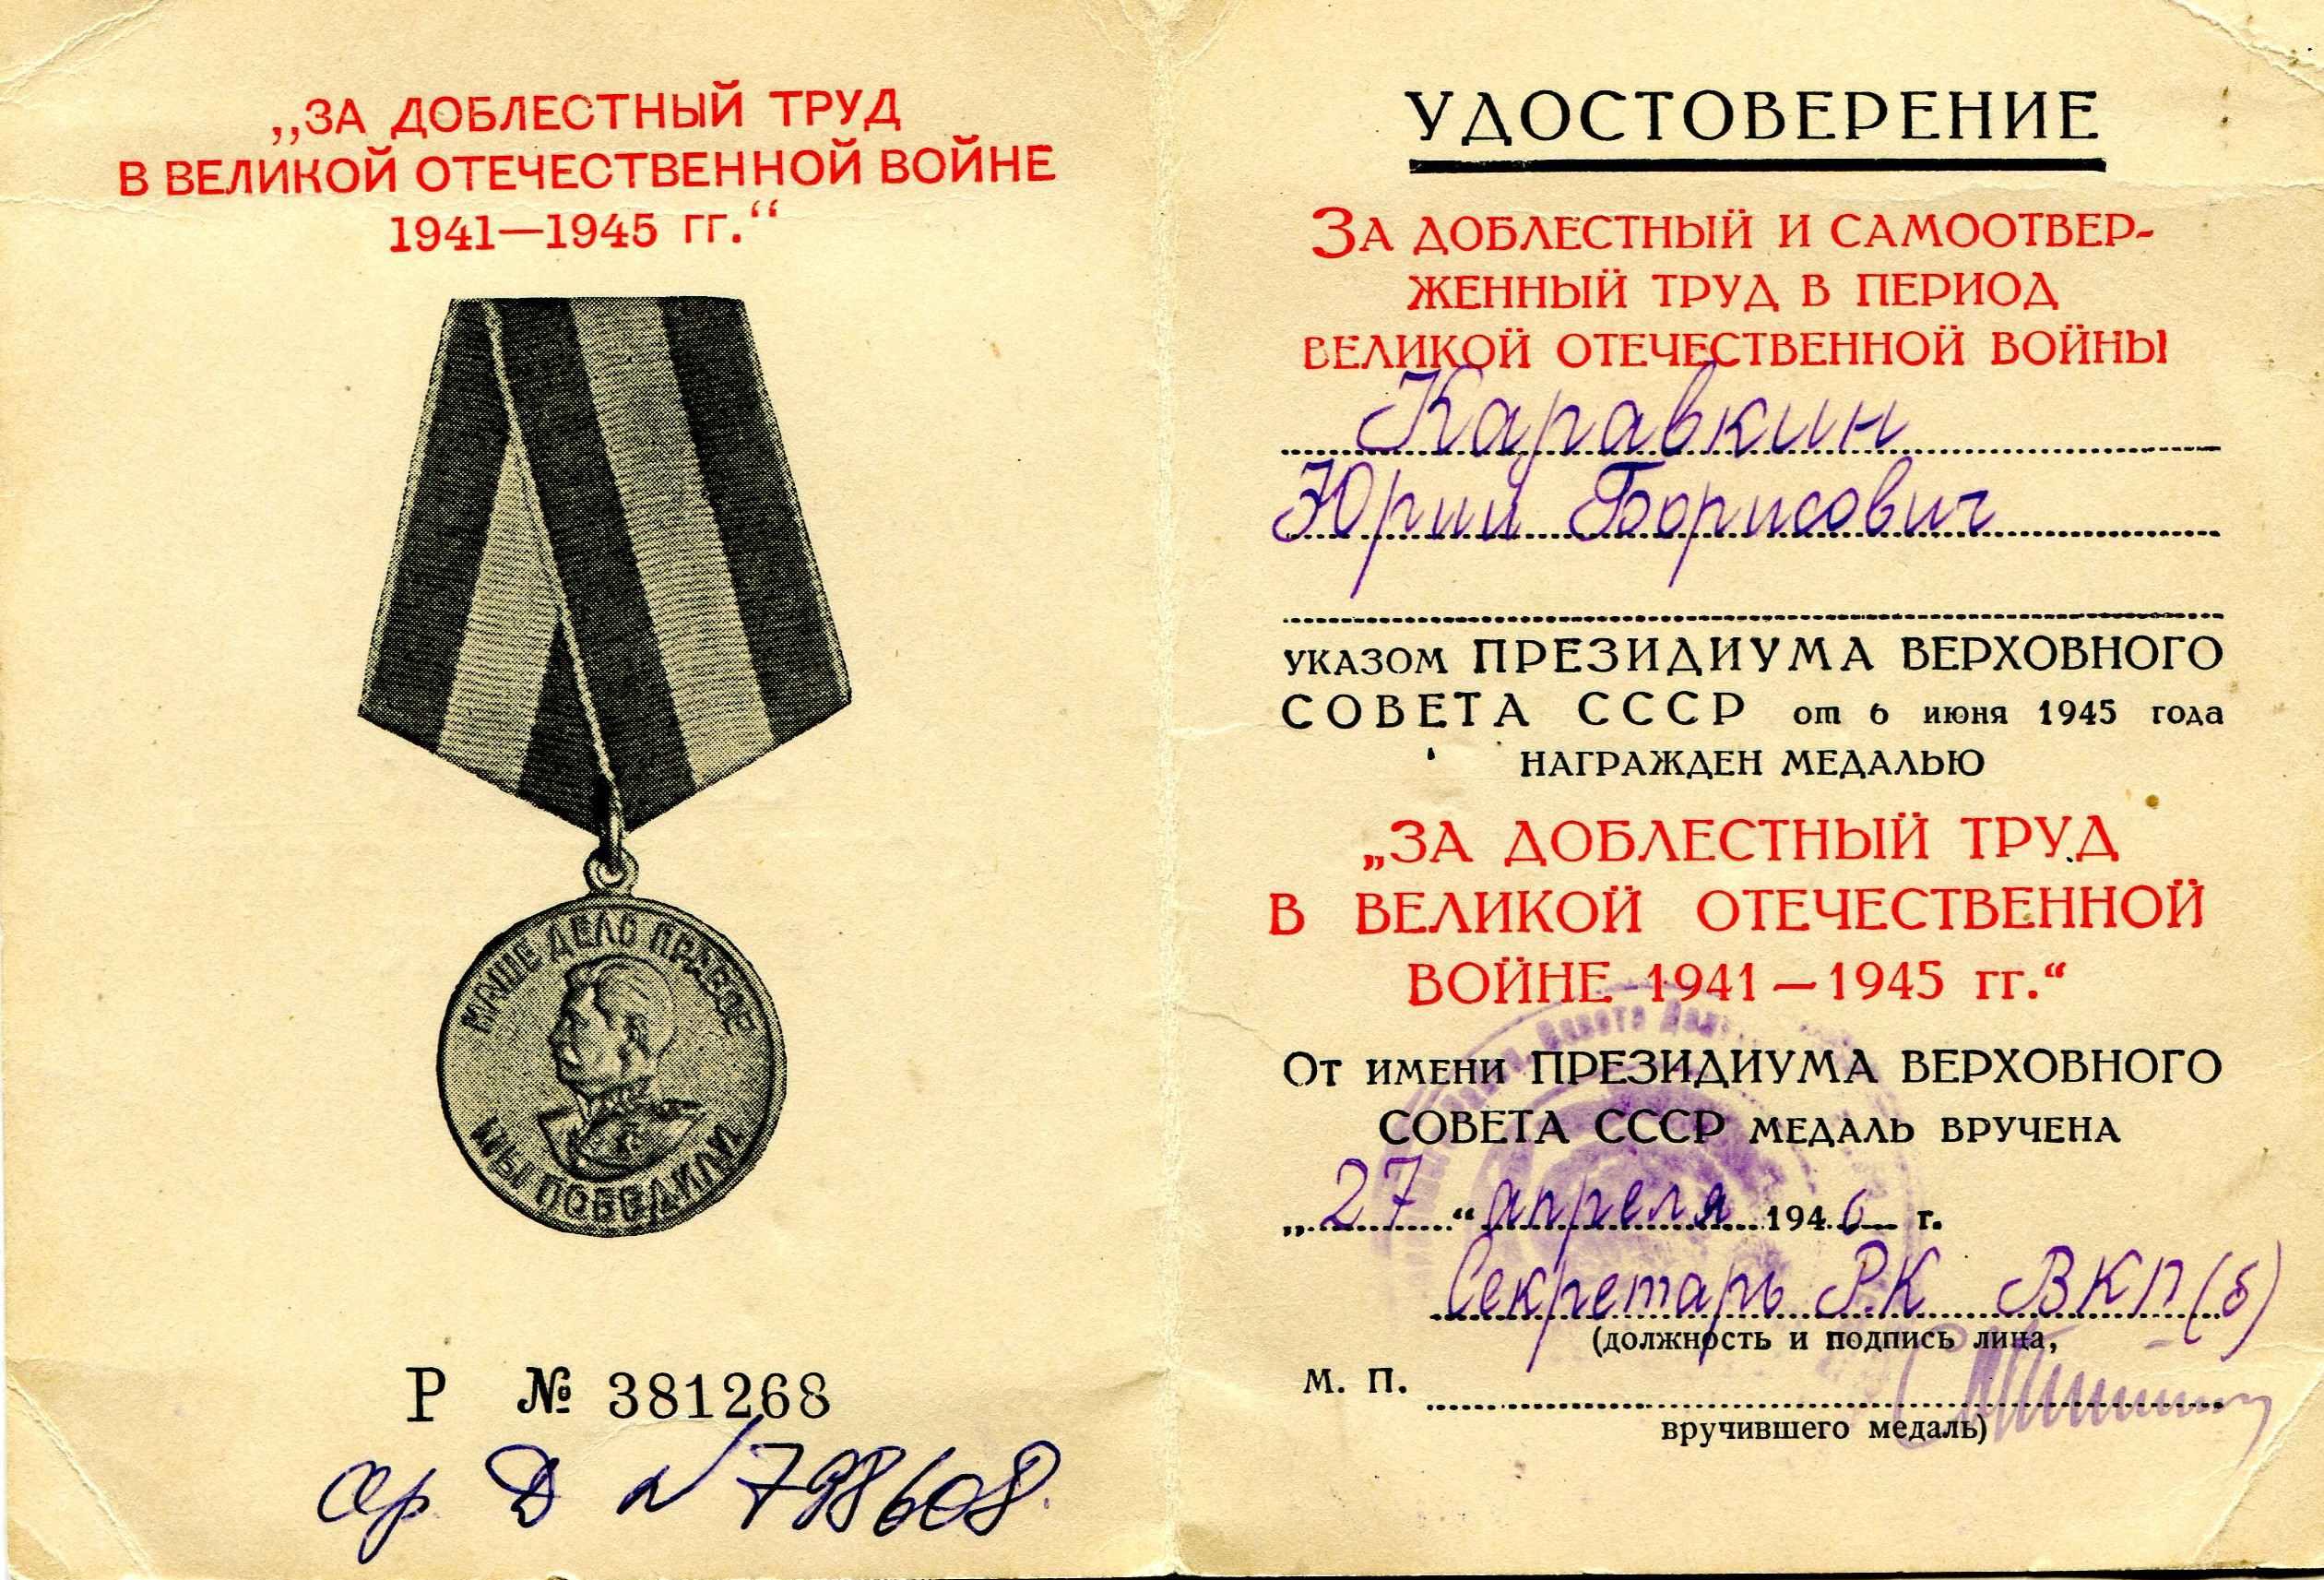 Экспонат #10. «За доблестный труд в Великой Отечественной войне 1941—1945 гг.»